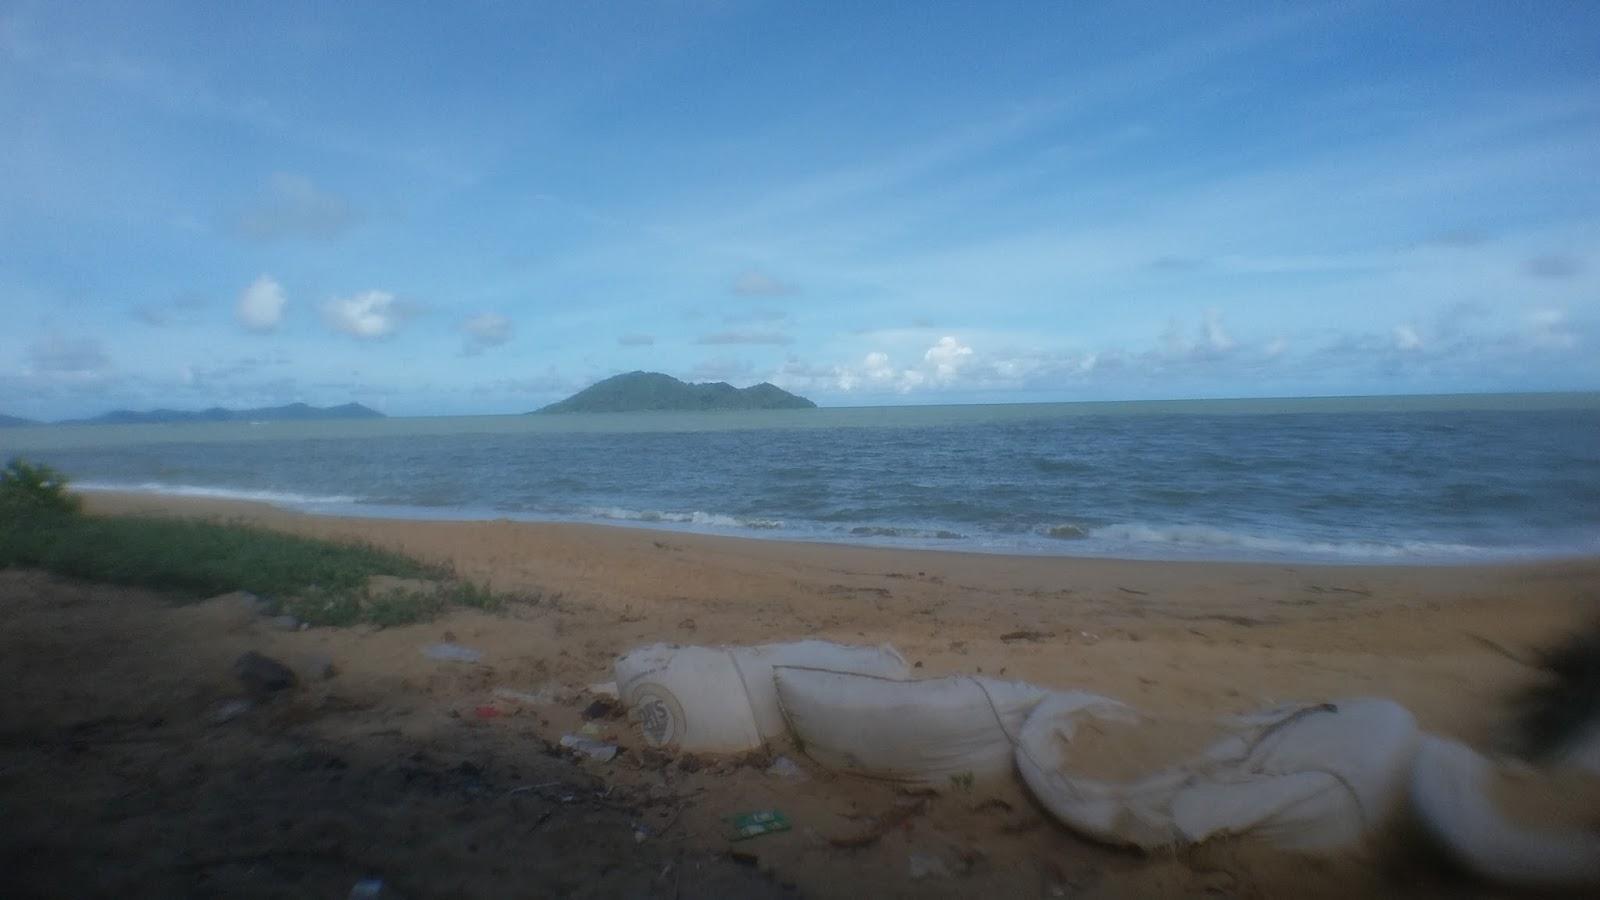 Indahnya Pantai Kura Sungai Raya Kepulauan Bengkayang Tanjung Batu Belat